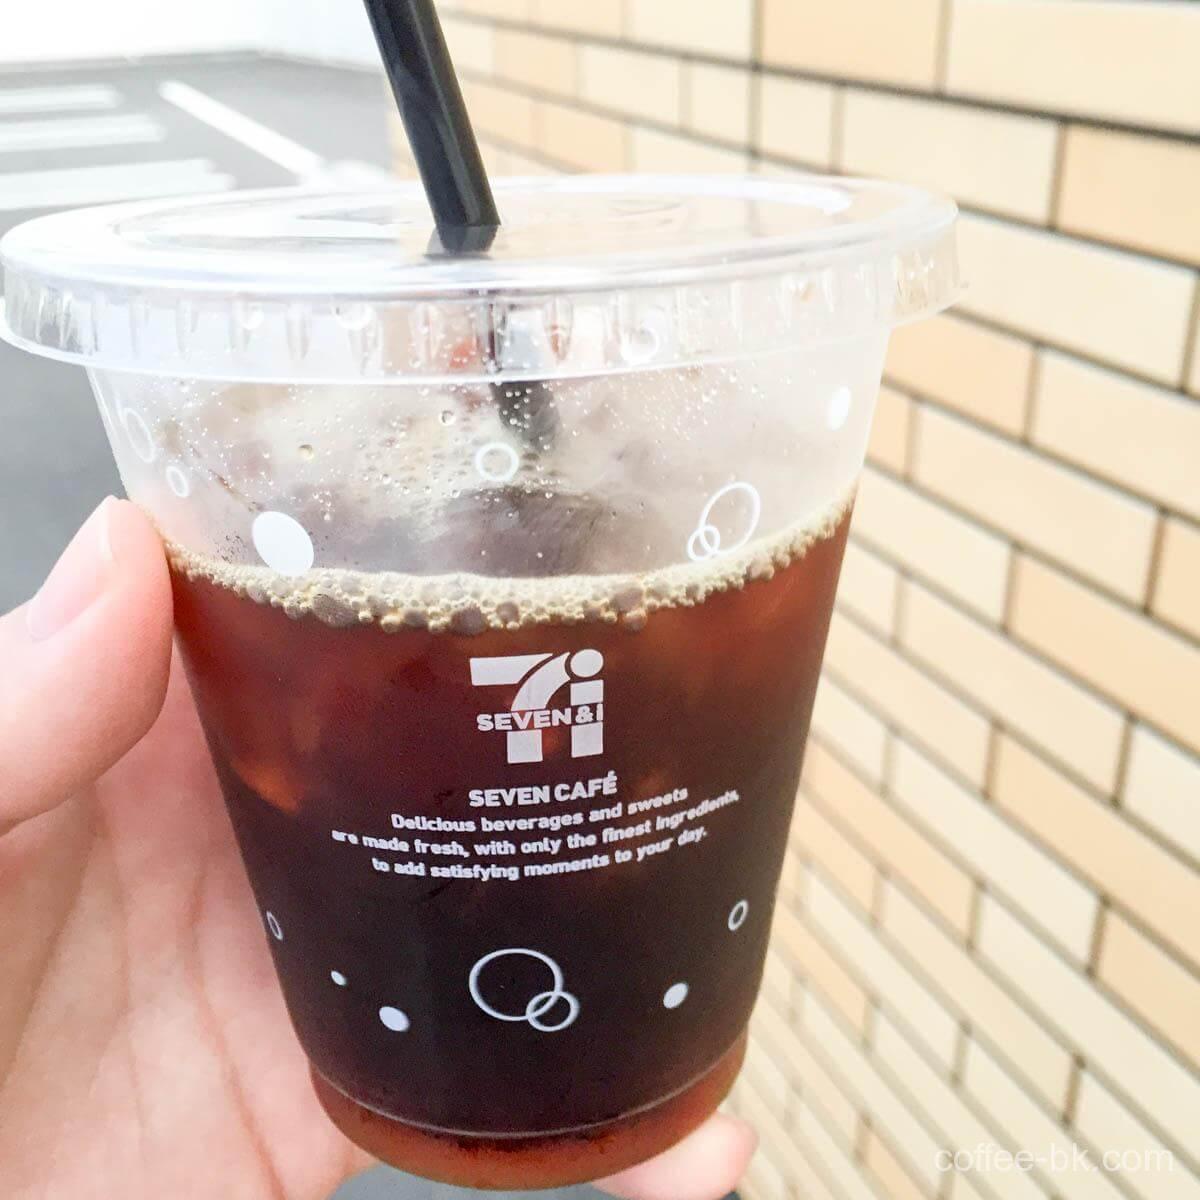 セブンイレブン アイスコーヒー